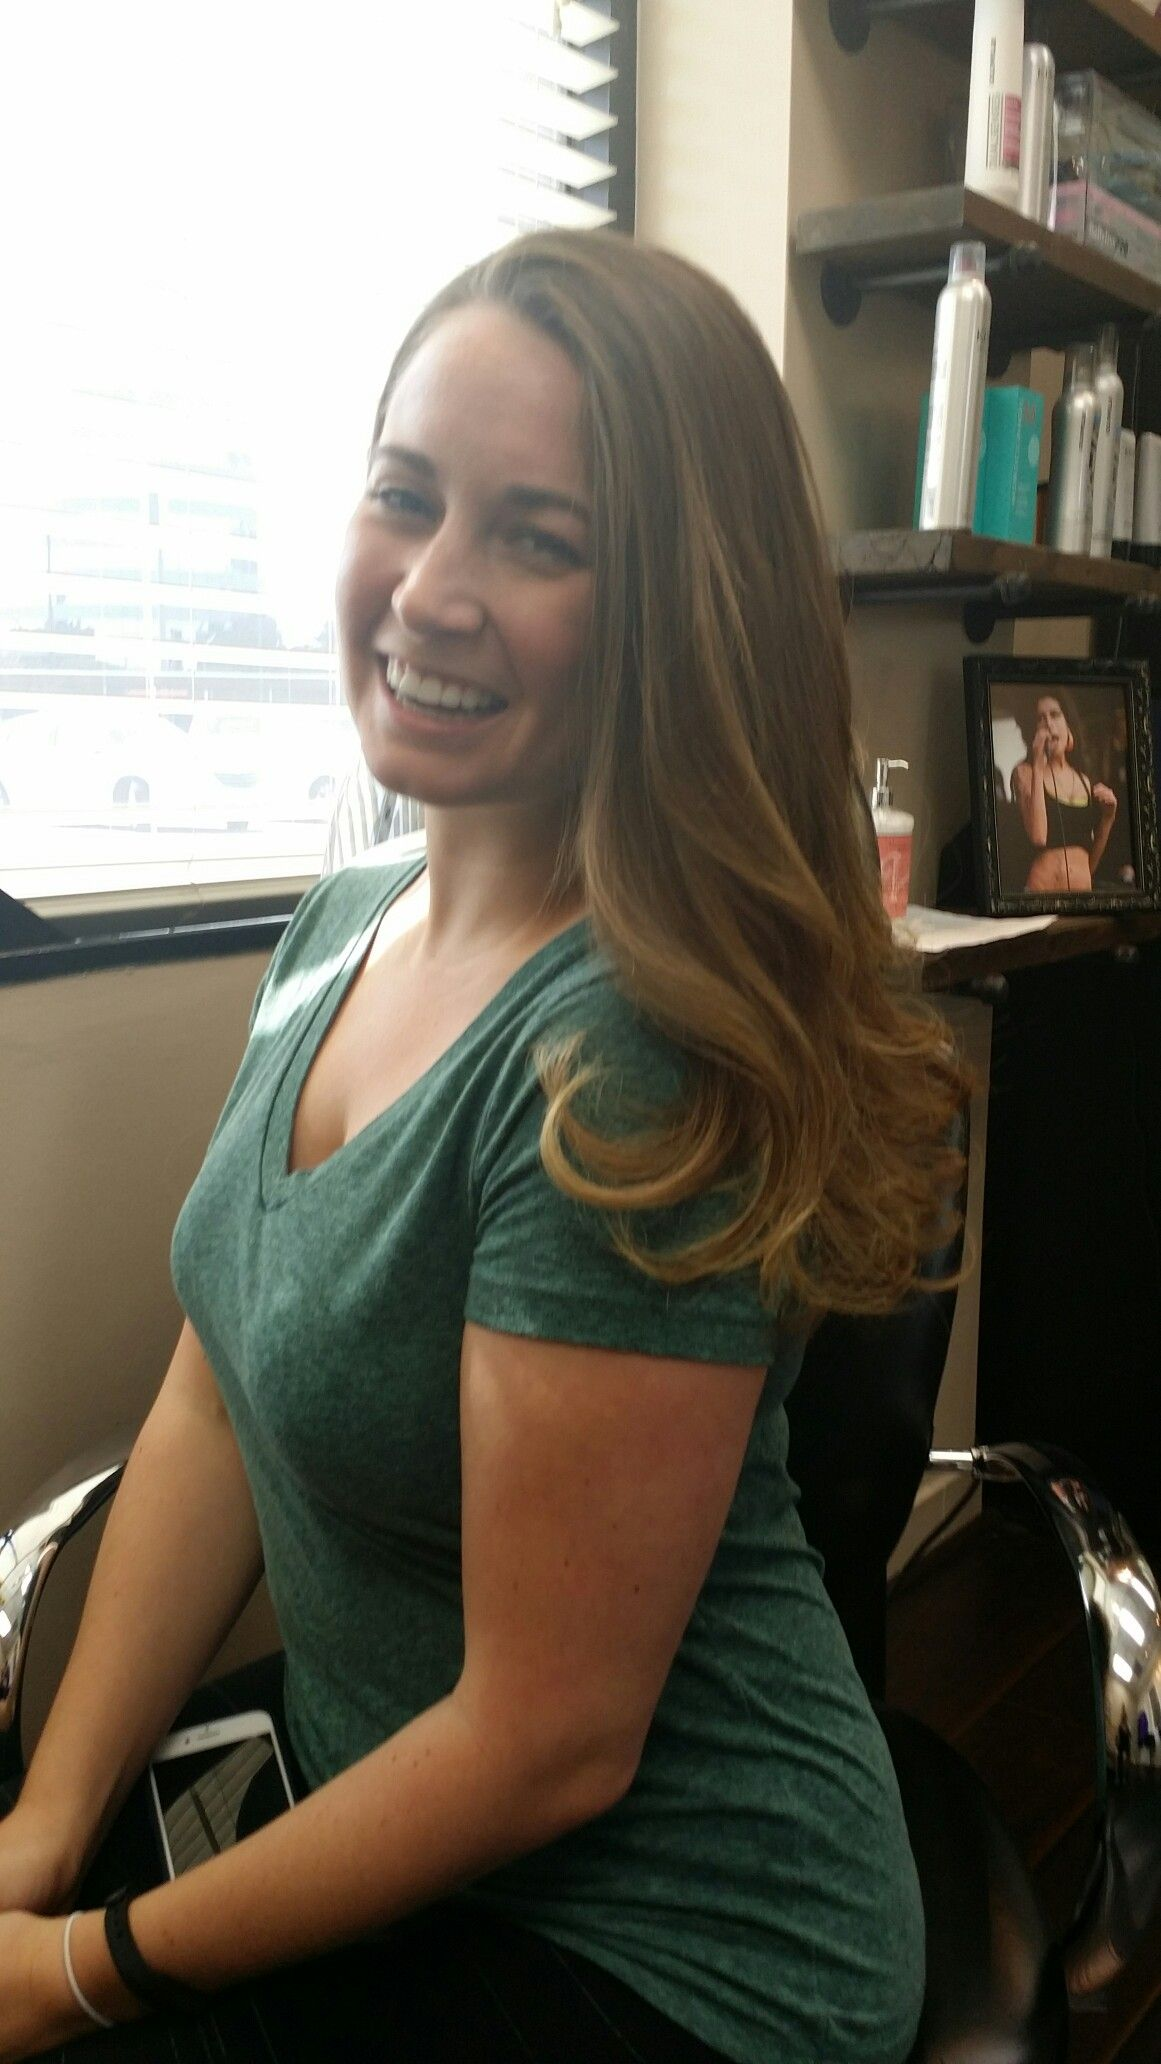 Hair Salon In Dallas Texas Blonde Highlight Hair In Dallas